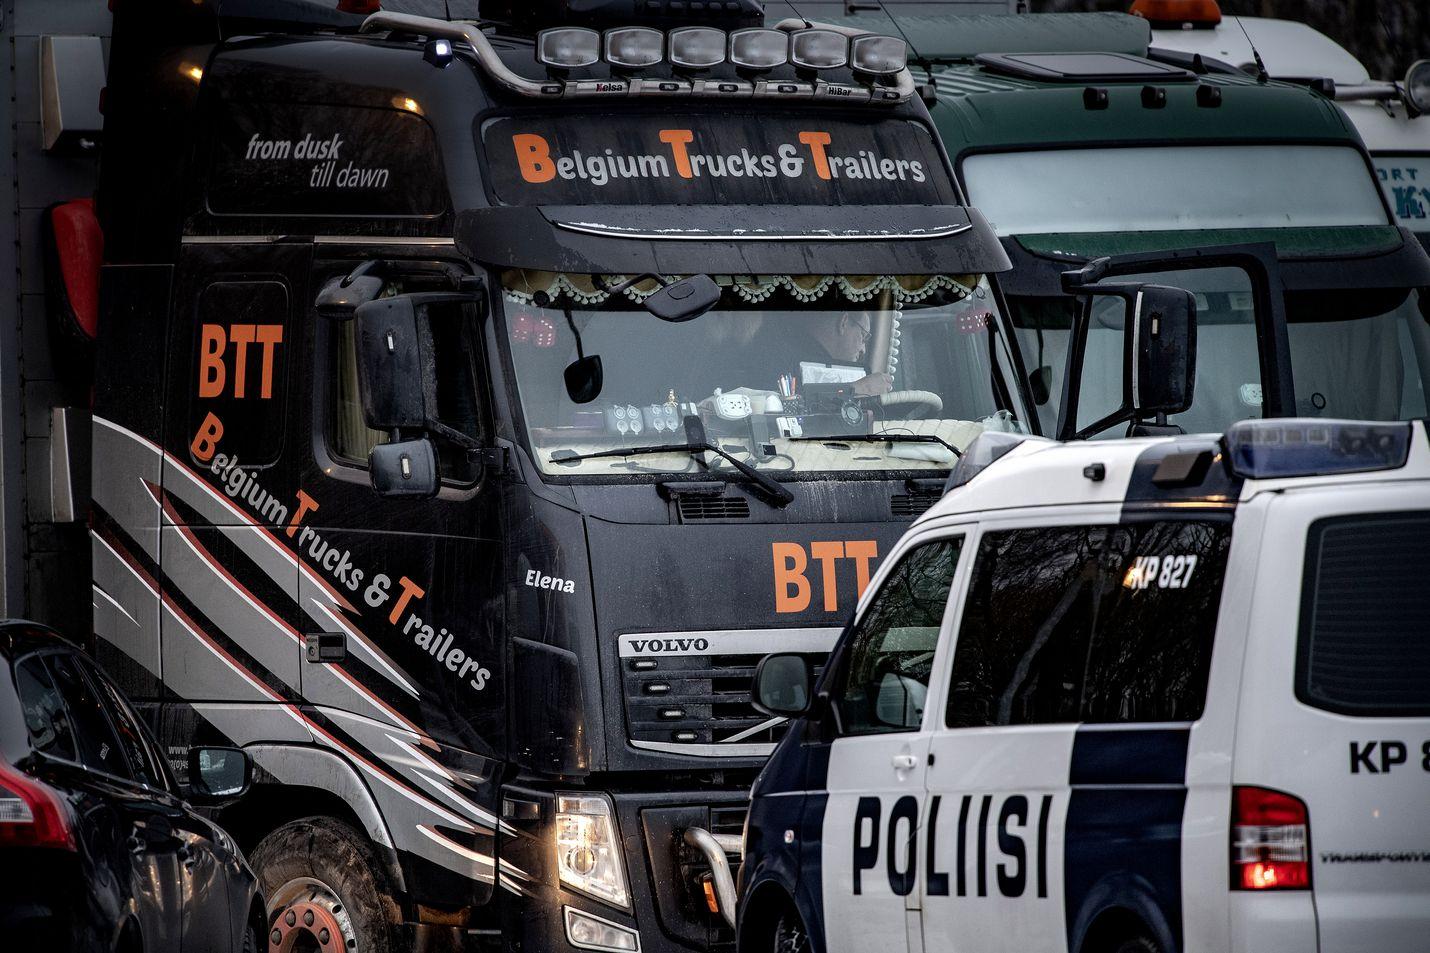 Liettualaisten kuljetusrekkojen lisäksi kokkolalaisen huoltoaseman pihassa oli torstaina myös kymmenittäin turkistarhaajia sekä poliiseja tarkastamassa eläinkuljetusautoa ajavien kuskien tarvittavia lupia.